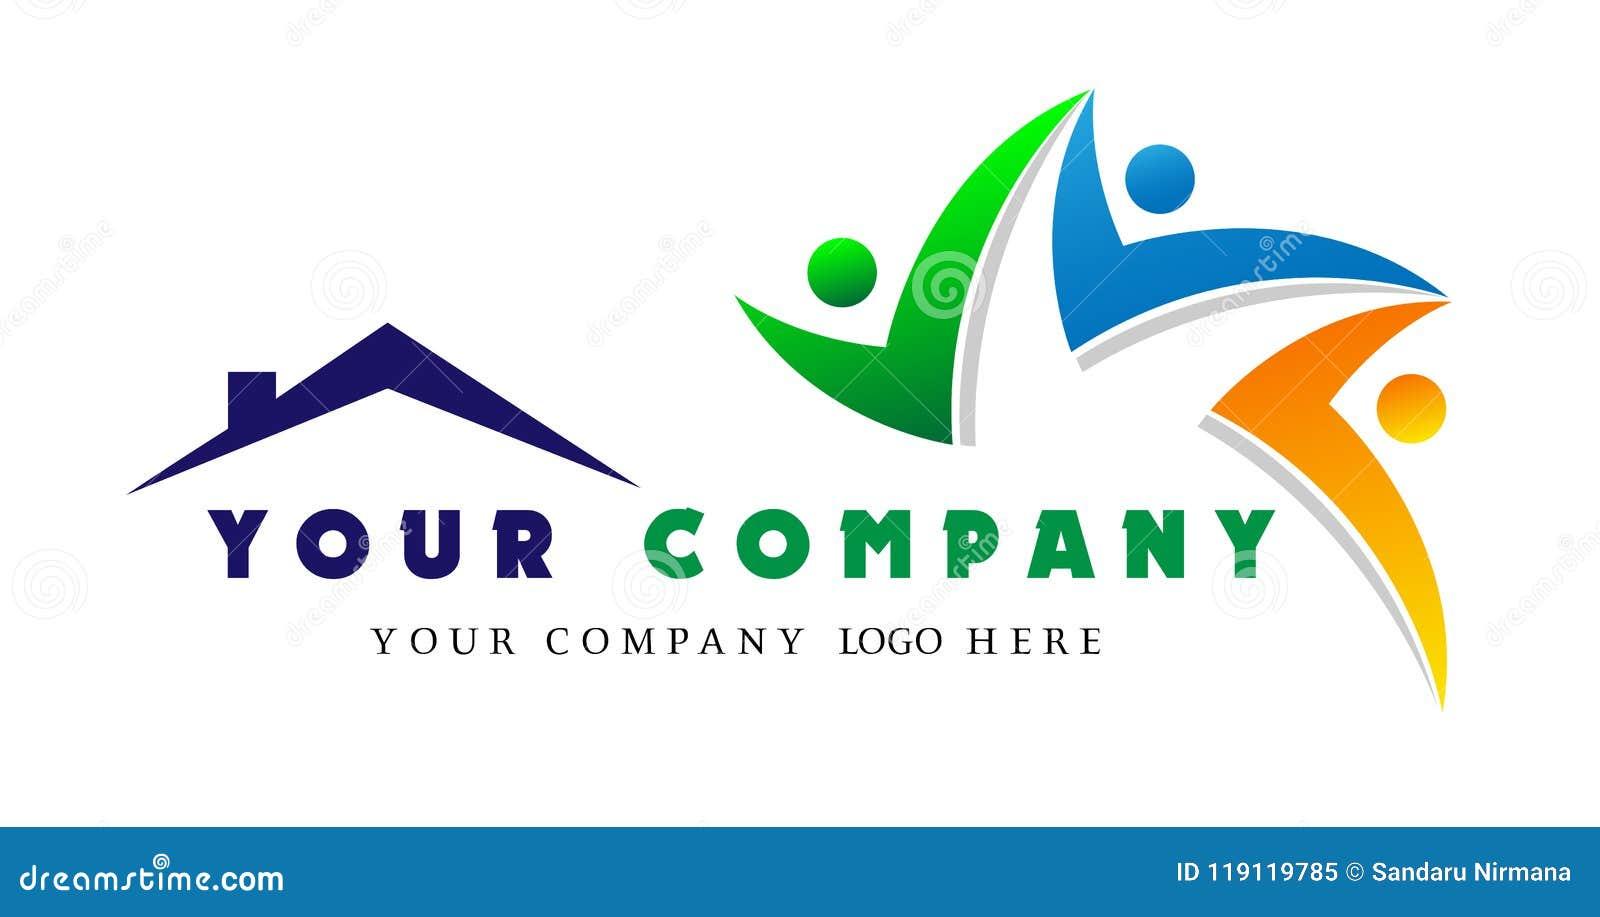 Людей логотип совместно домашний, соединение людей в логотипе команды дома, концепции коллективной работы для логотипа компании